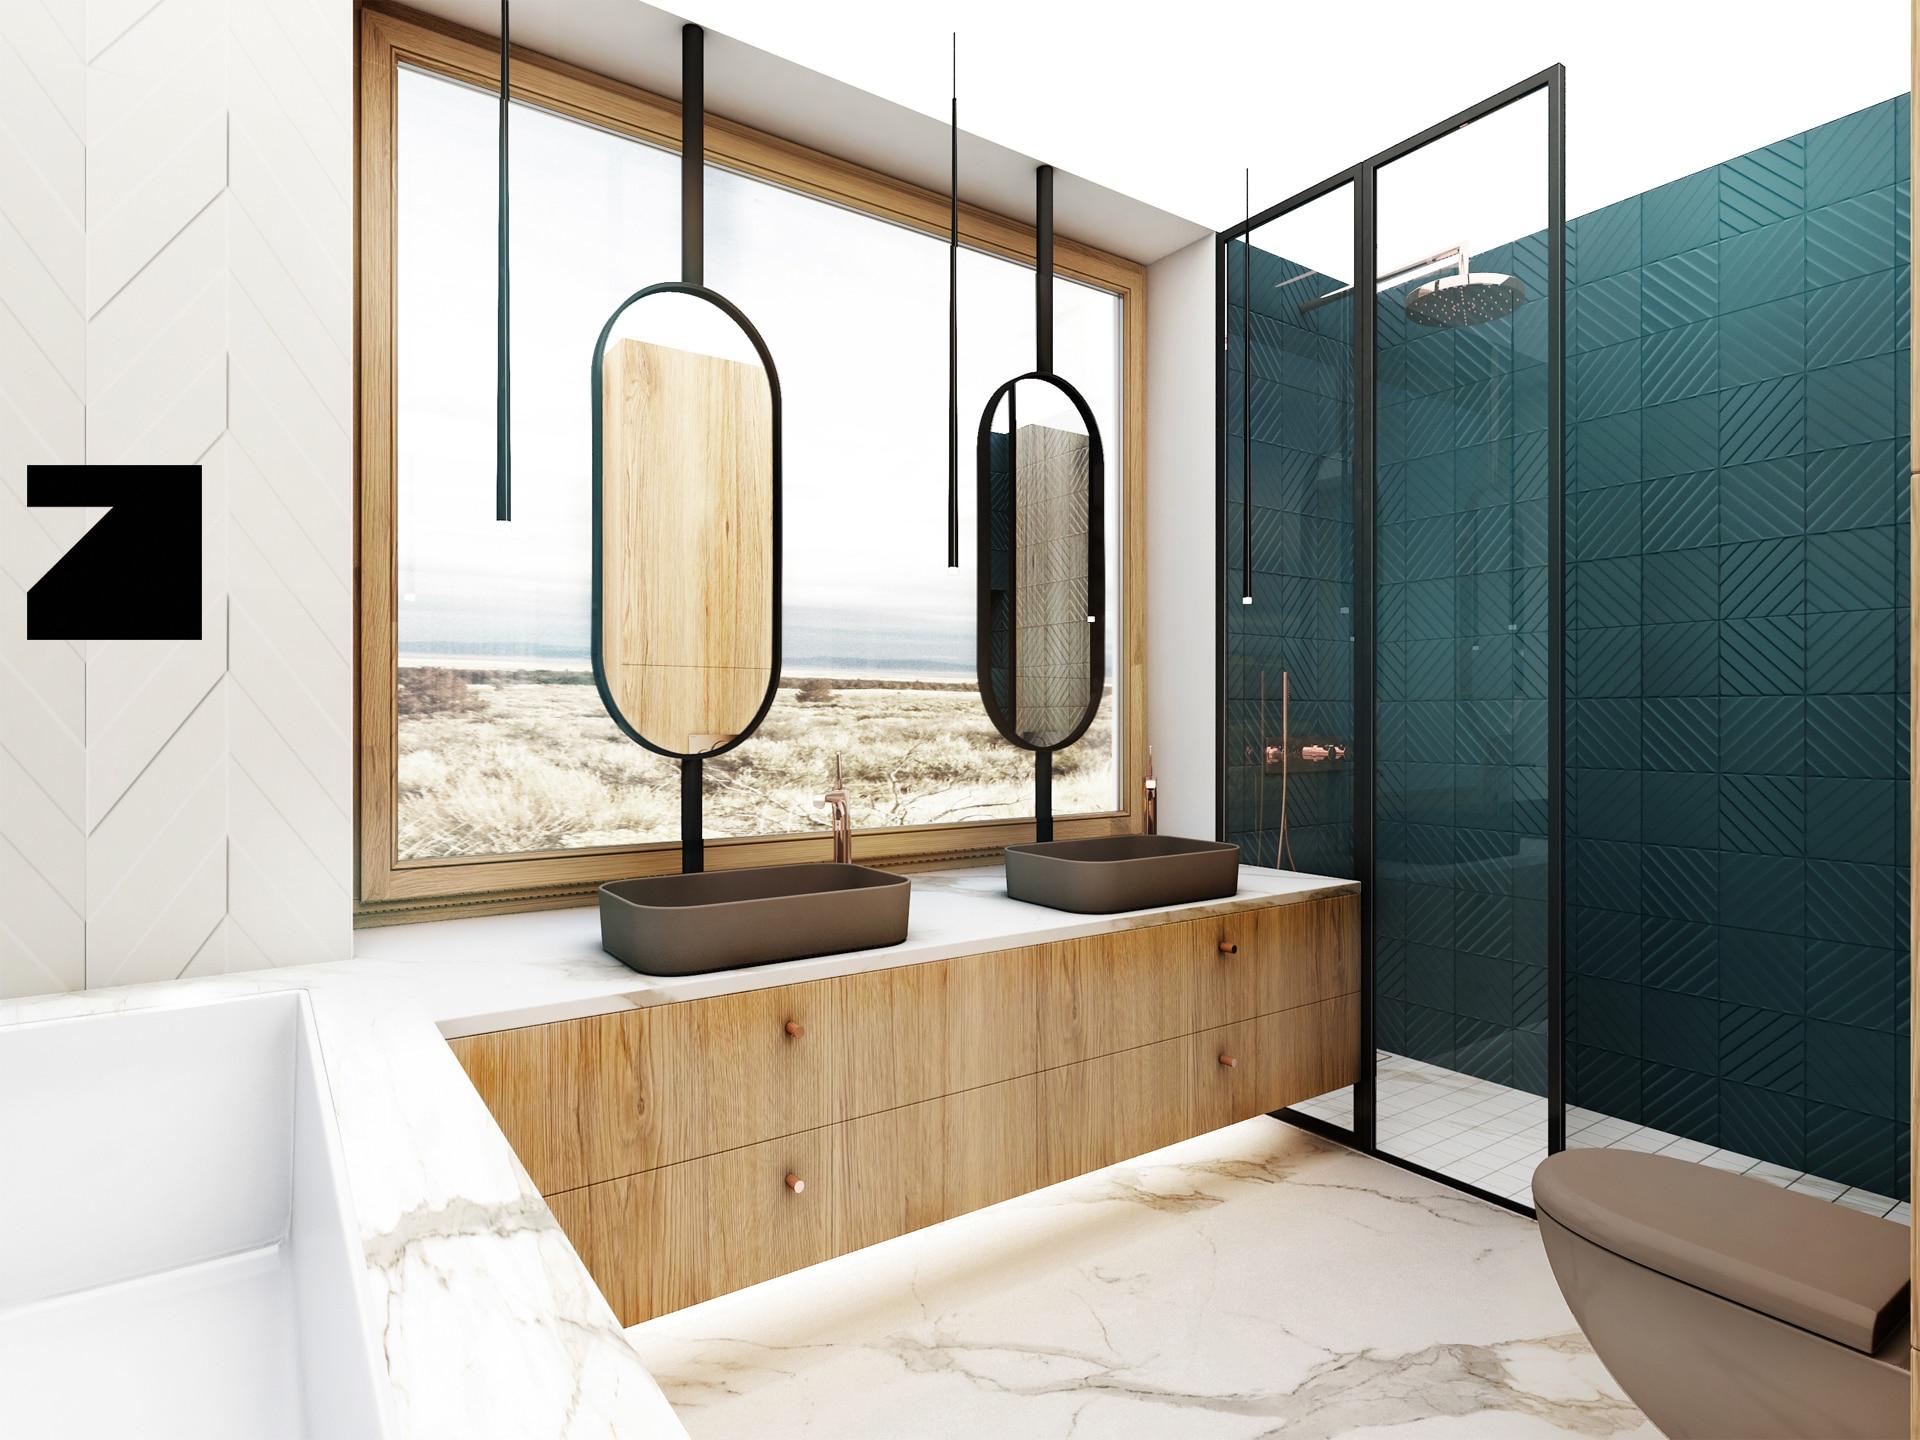 projekt luksusowej łazienki